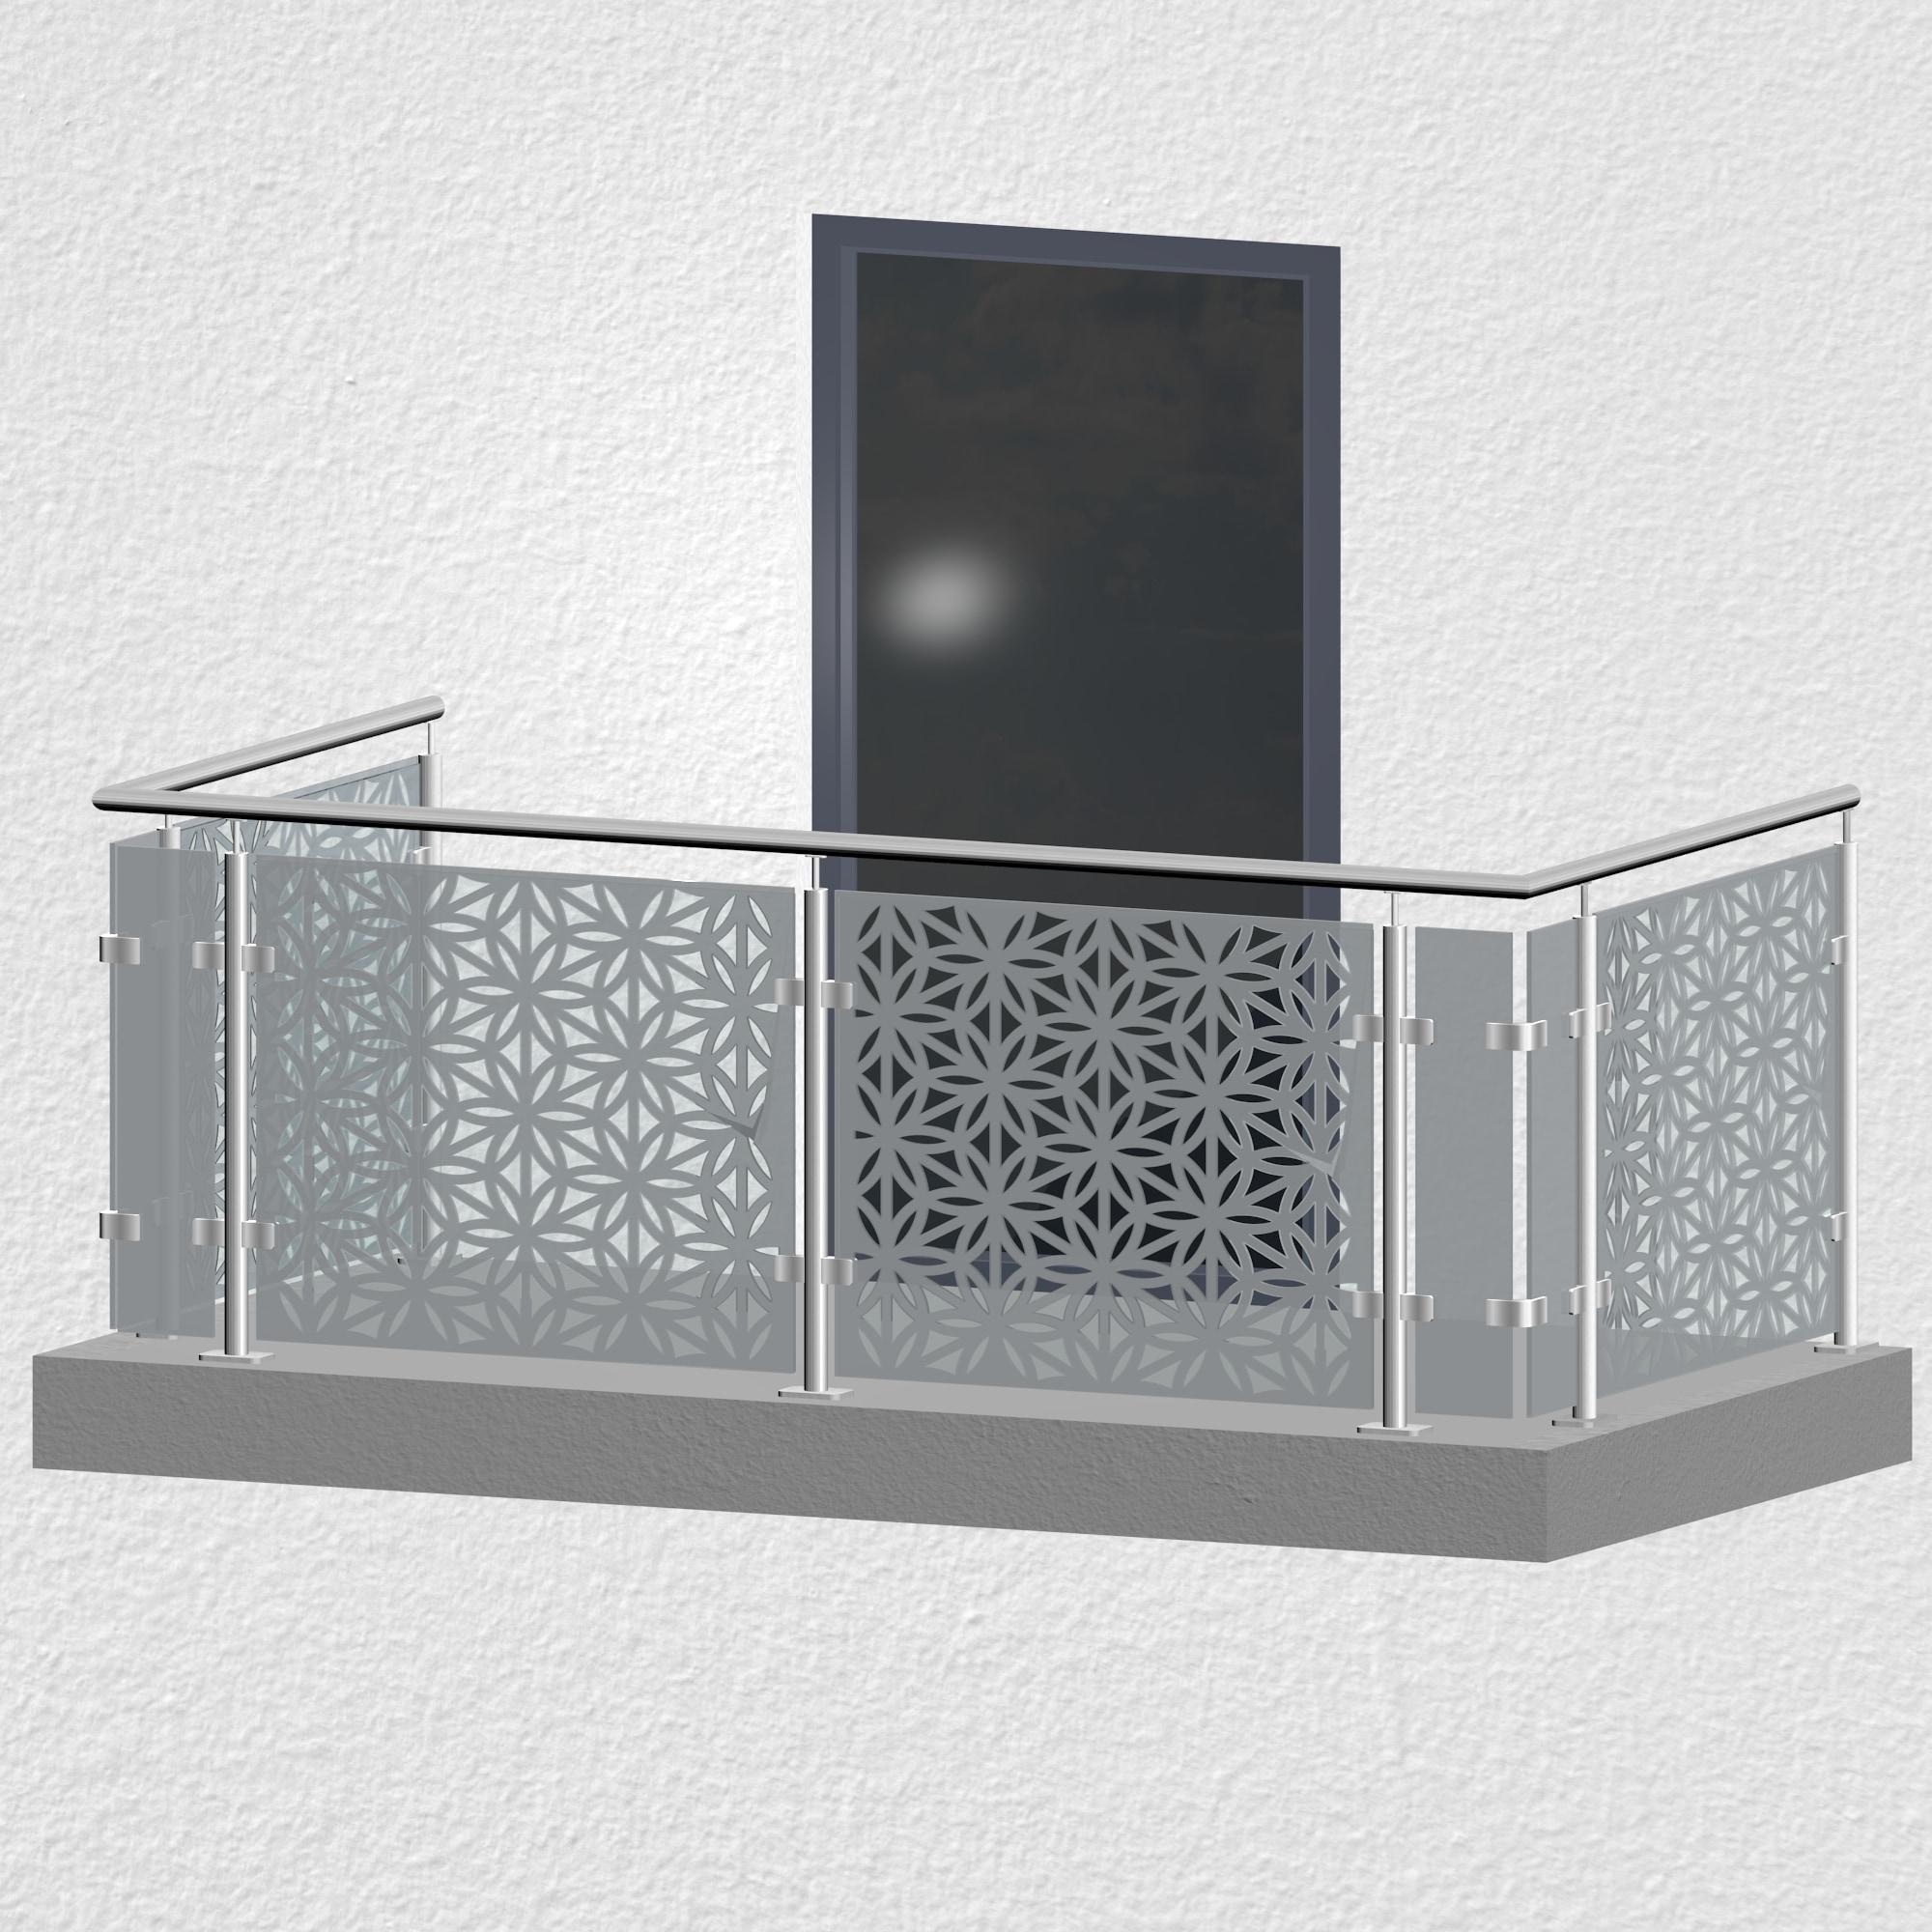 Balkongeländer Edelstahl Designglas BT MO